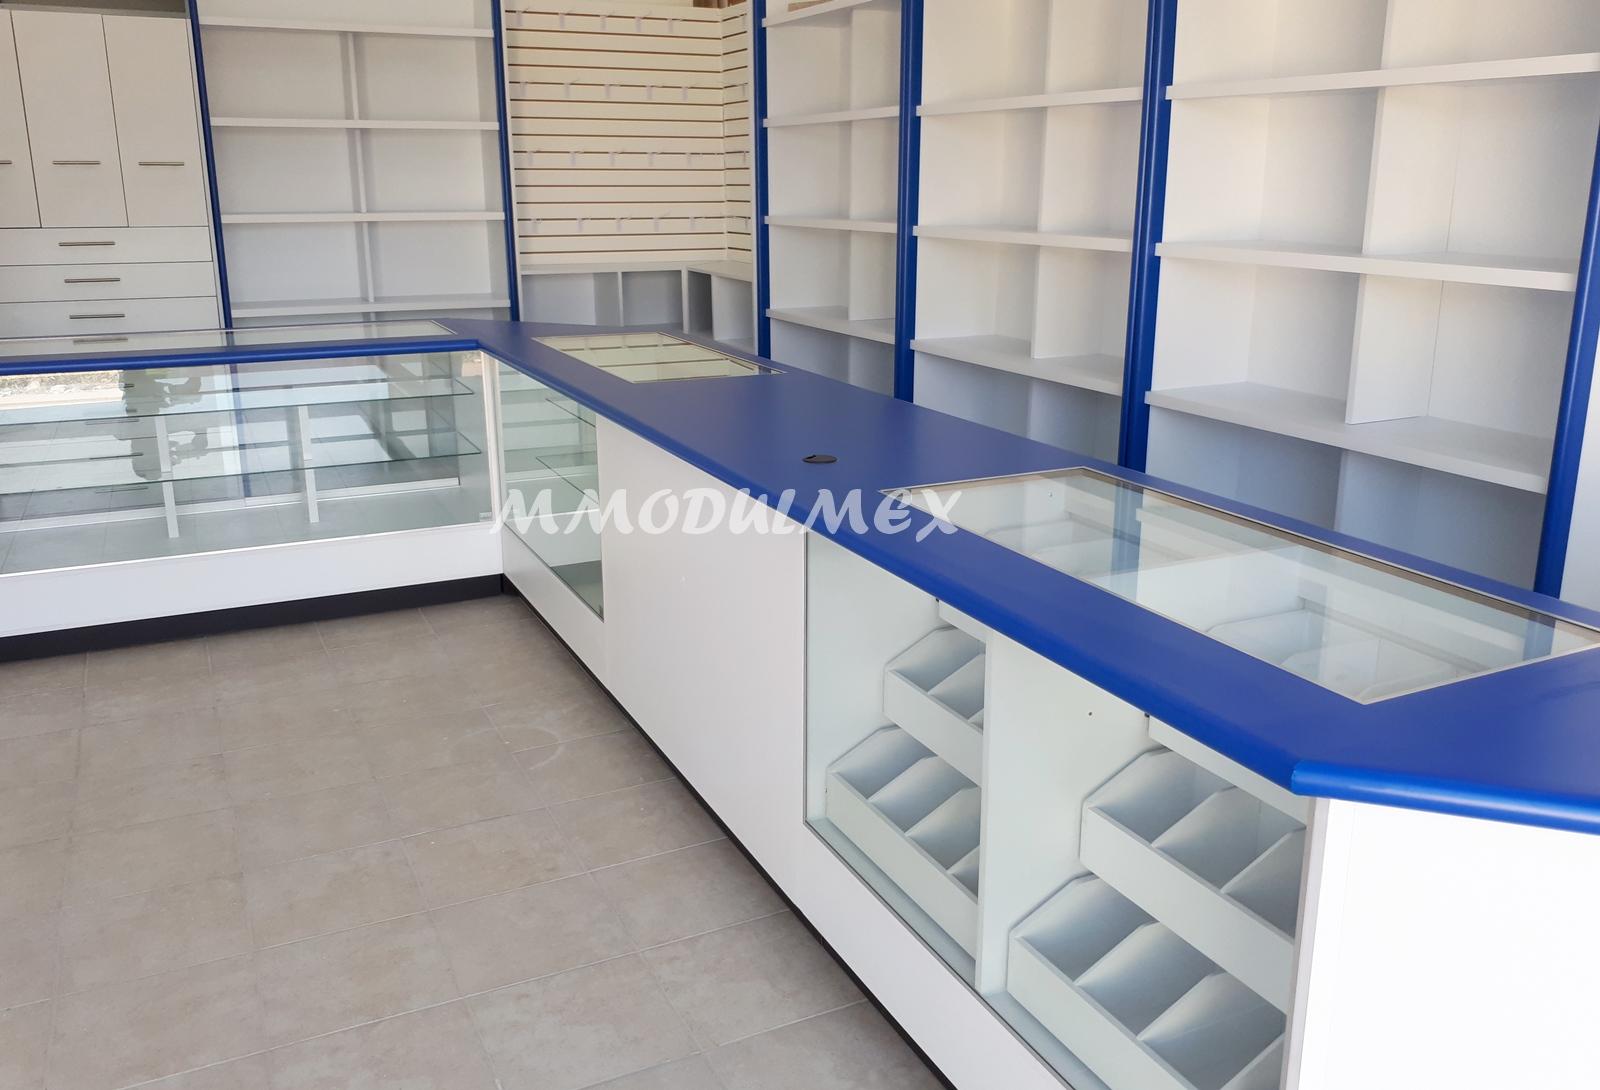 Muebles de tiendas mobiliario de oficina muebles de for Muebles de oficina rd